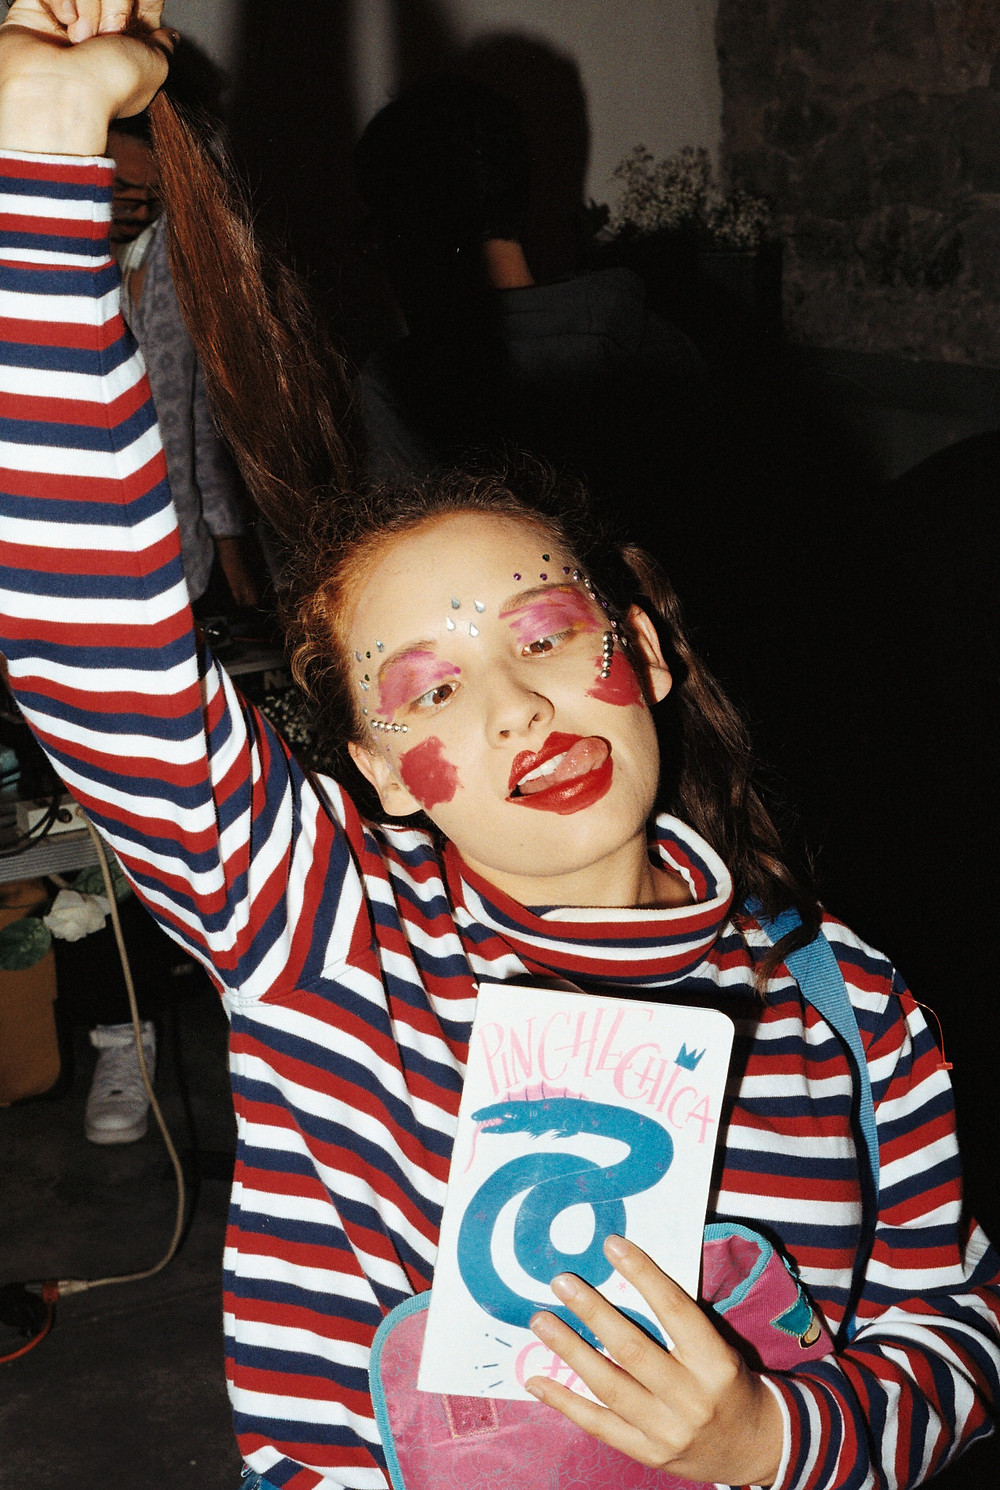 moda, moda responsable, model, fashion, pinche chica chic, fanzine, walk,